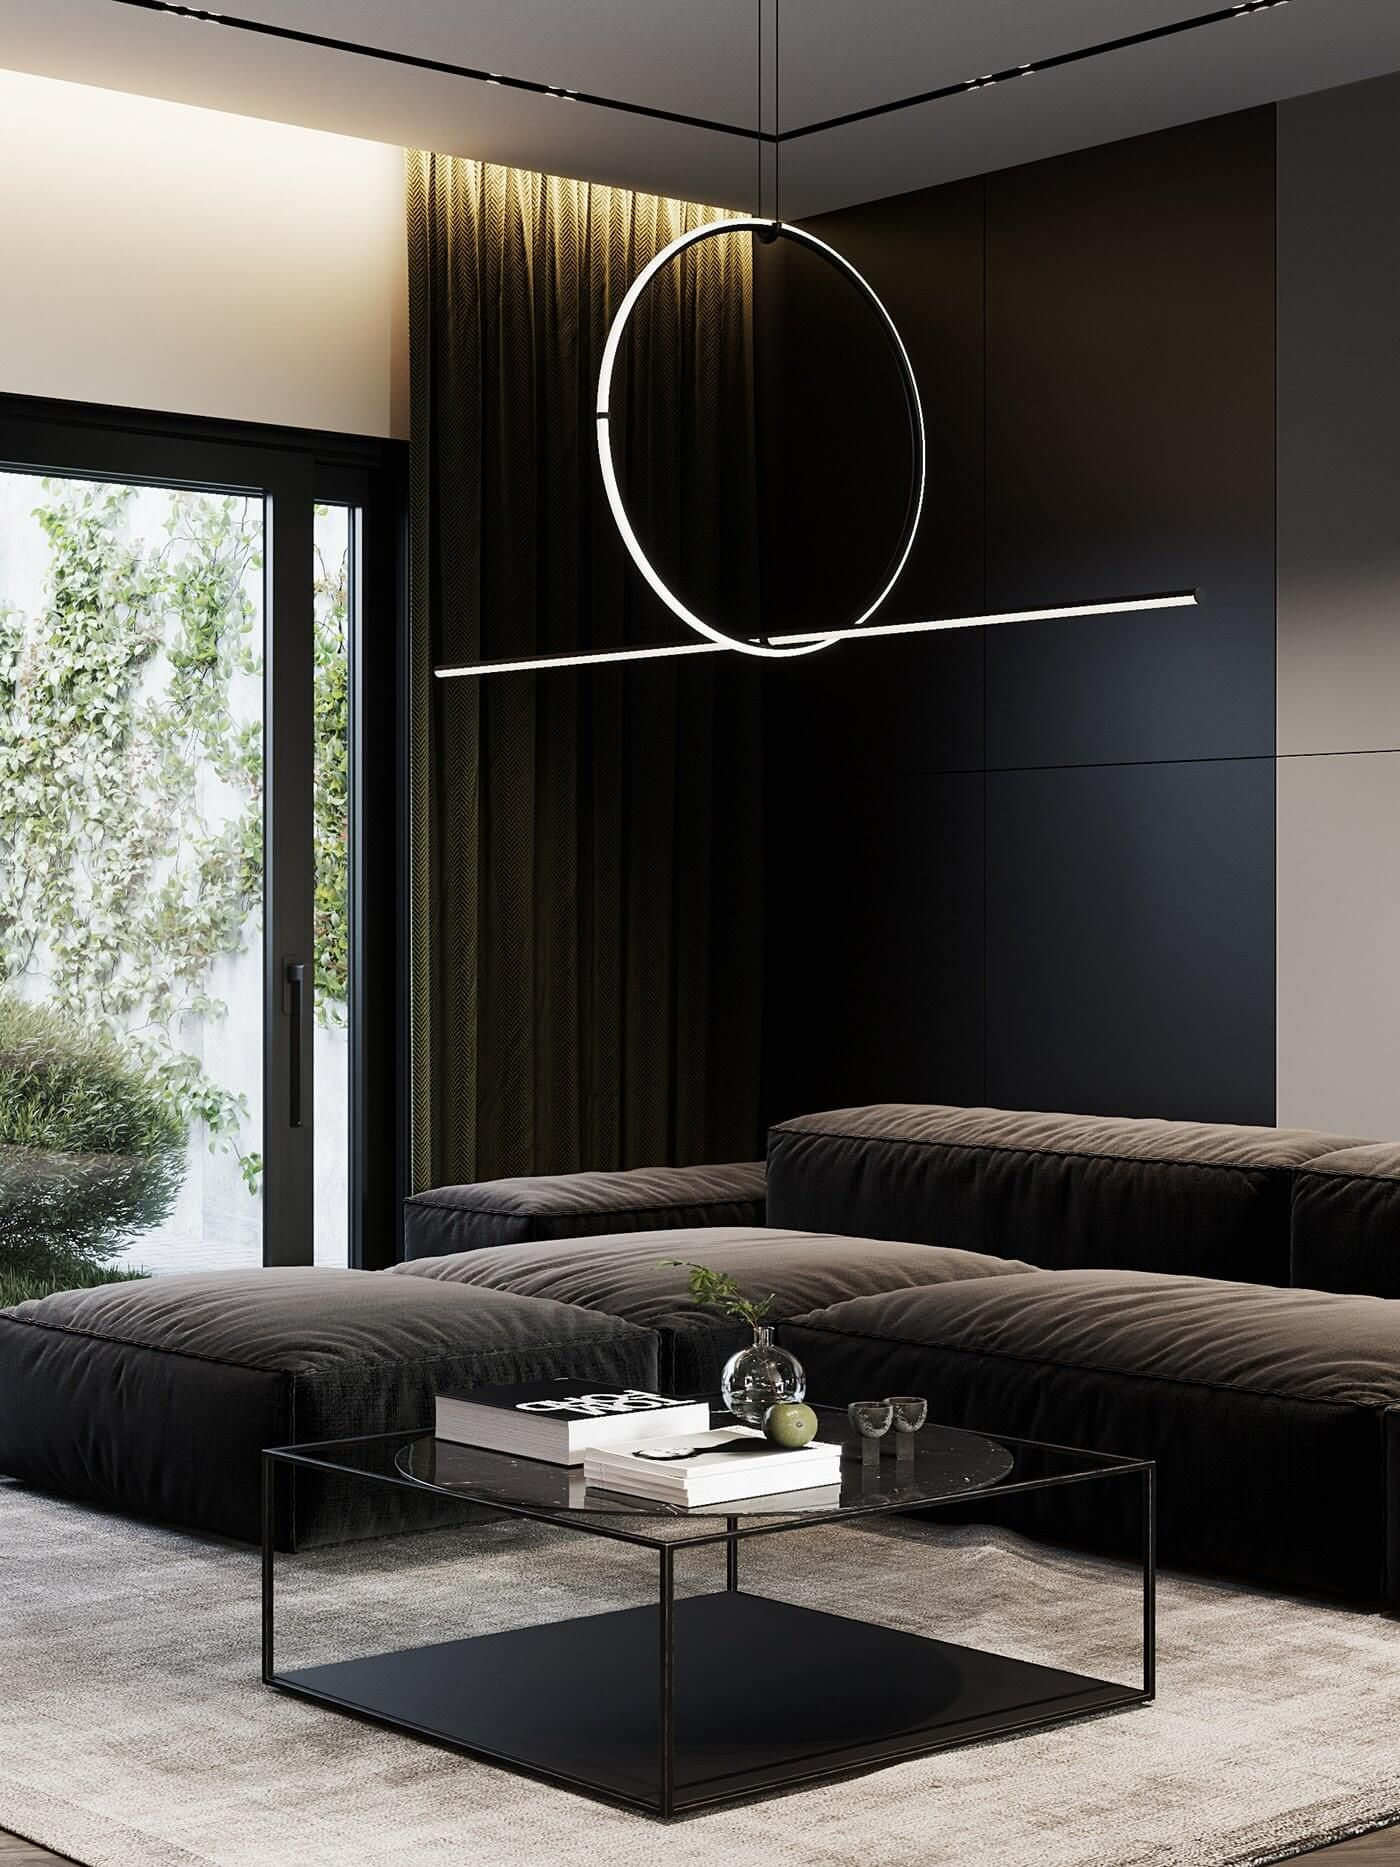 Autodesk Room Design: Dark Living Apartment // Cgi Visualization